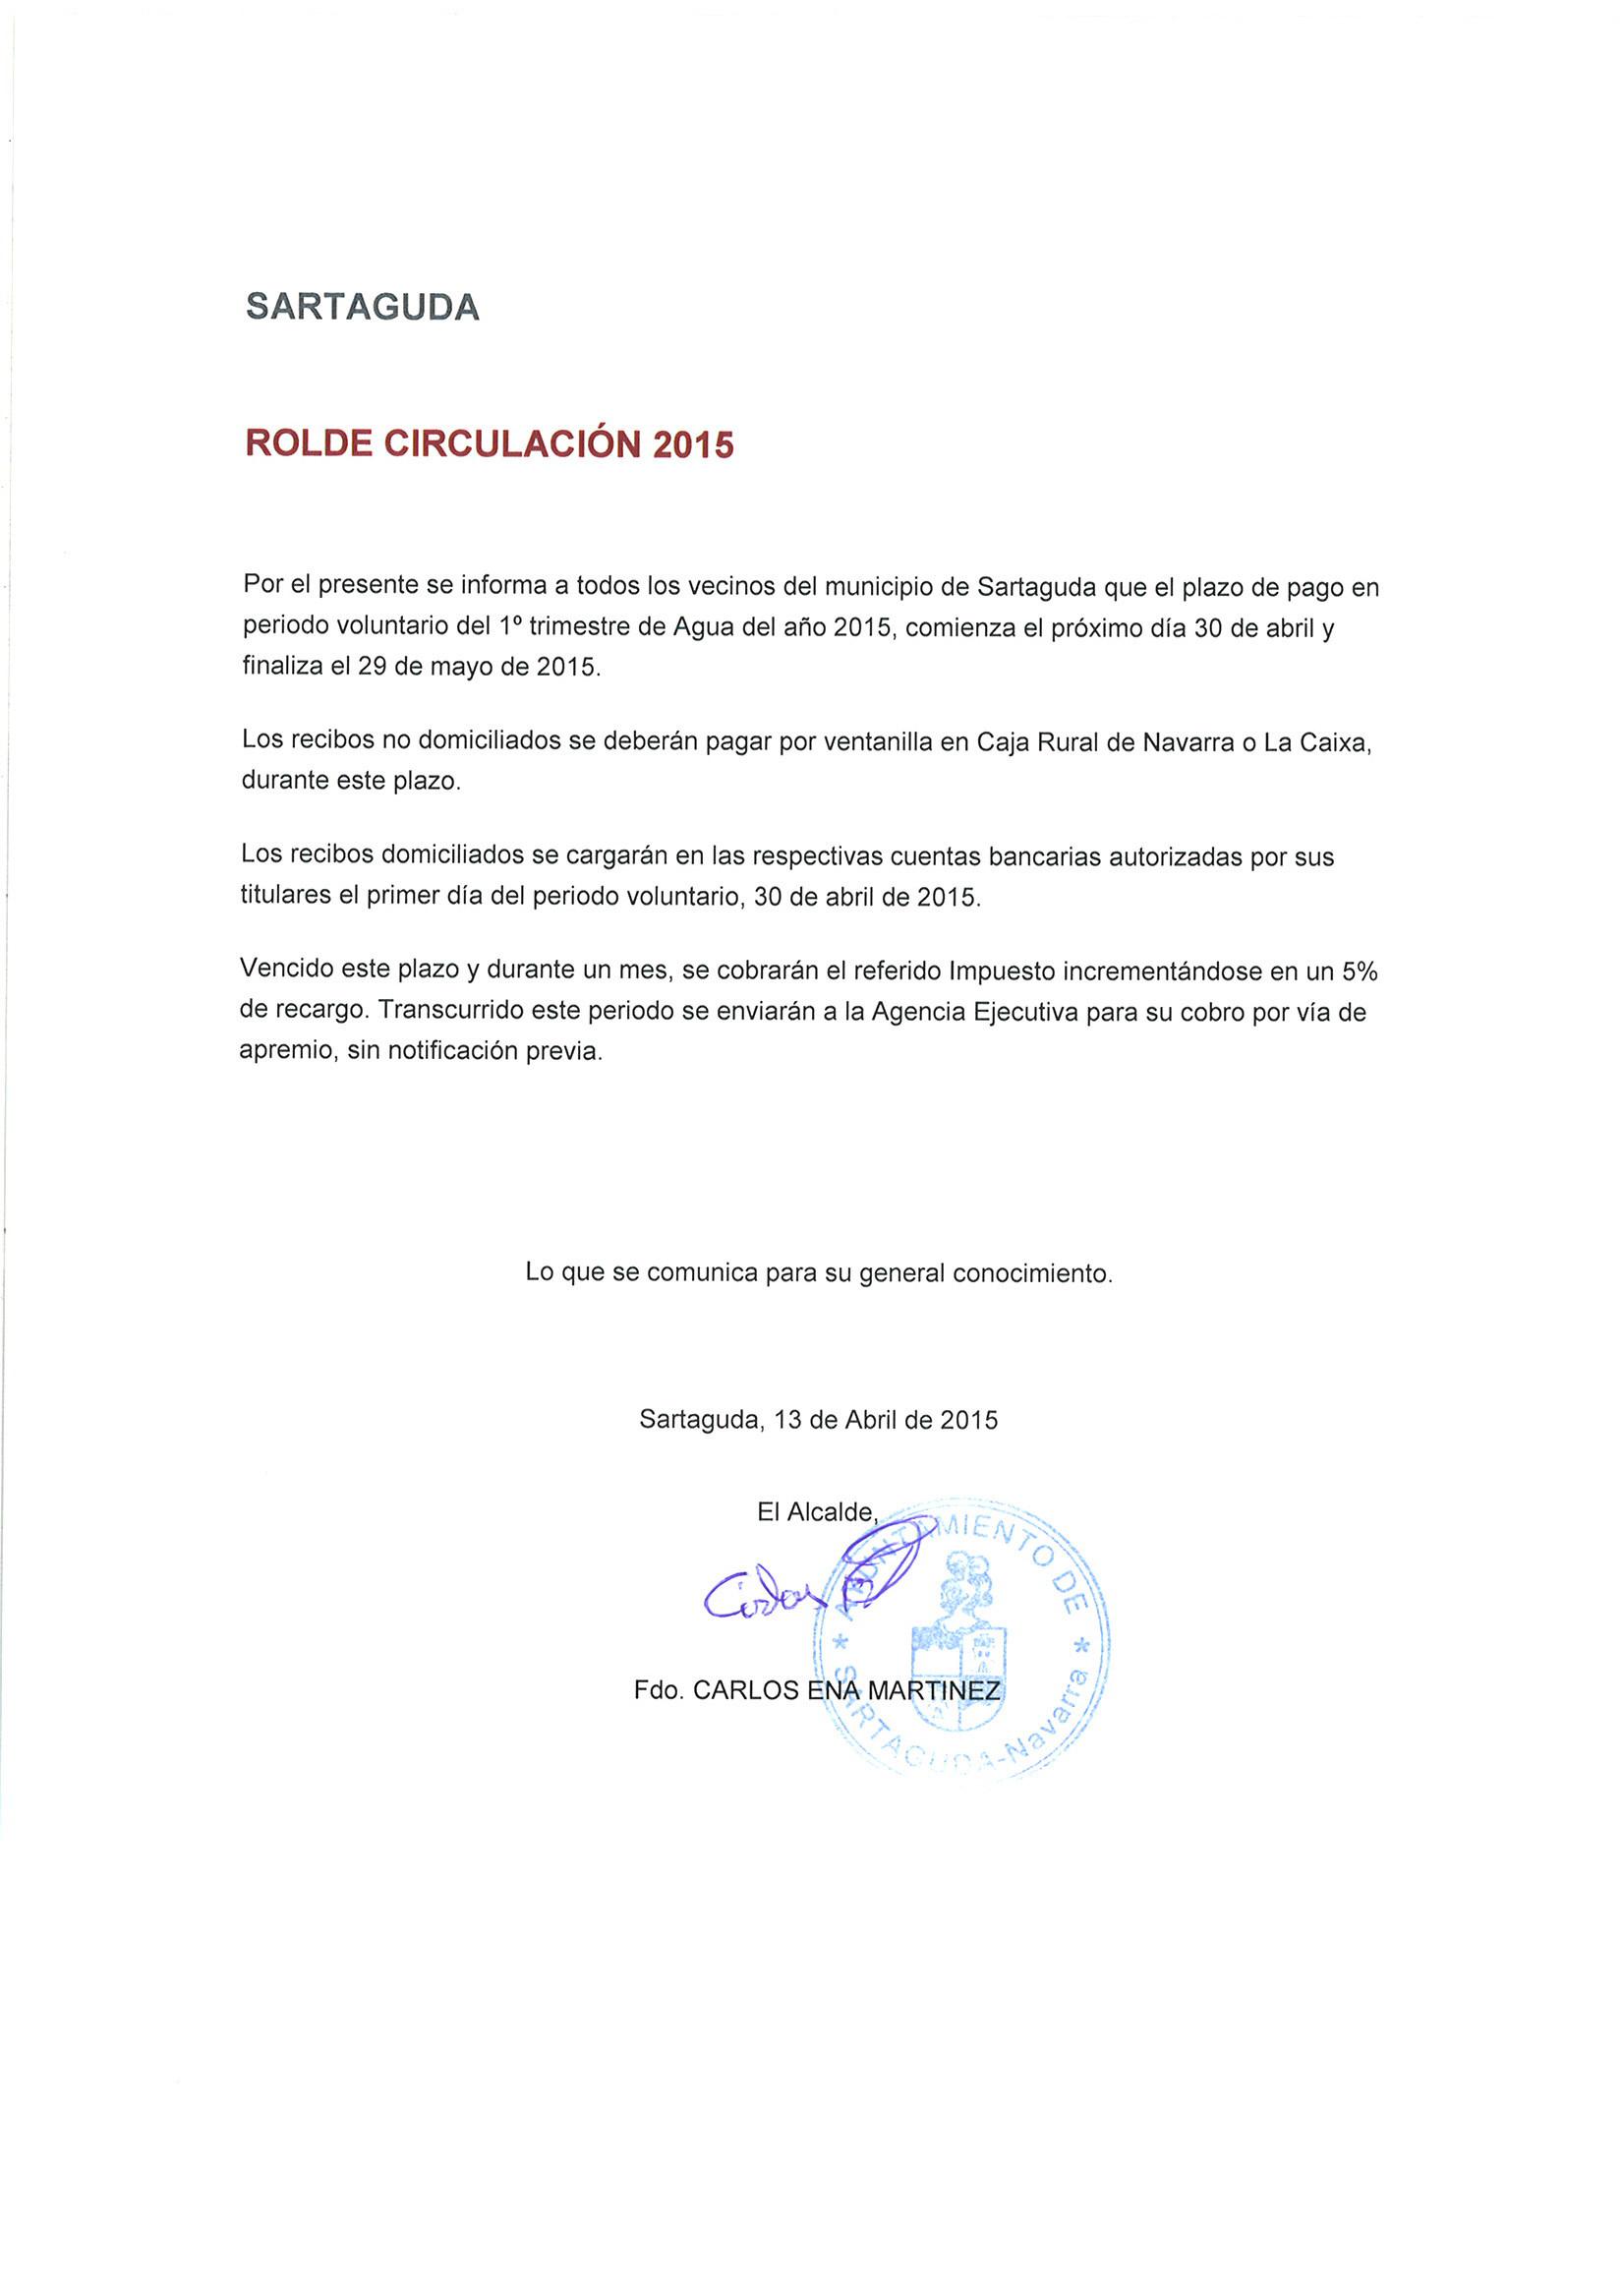 ROLDE CIRCULACION 2015